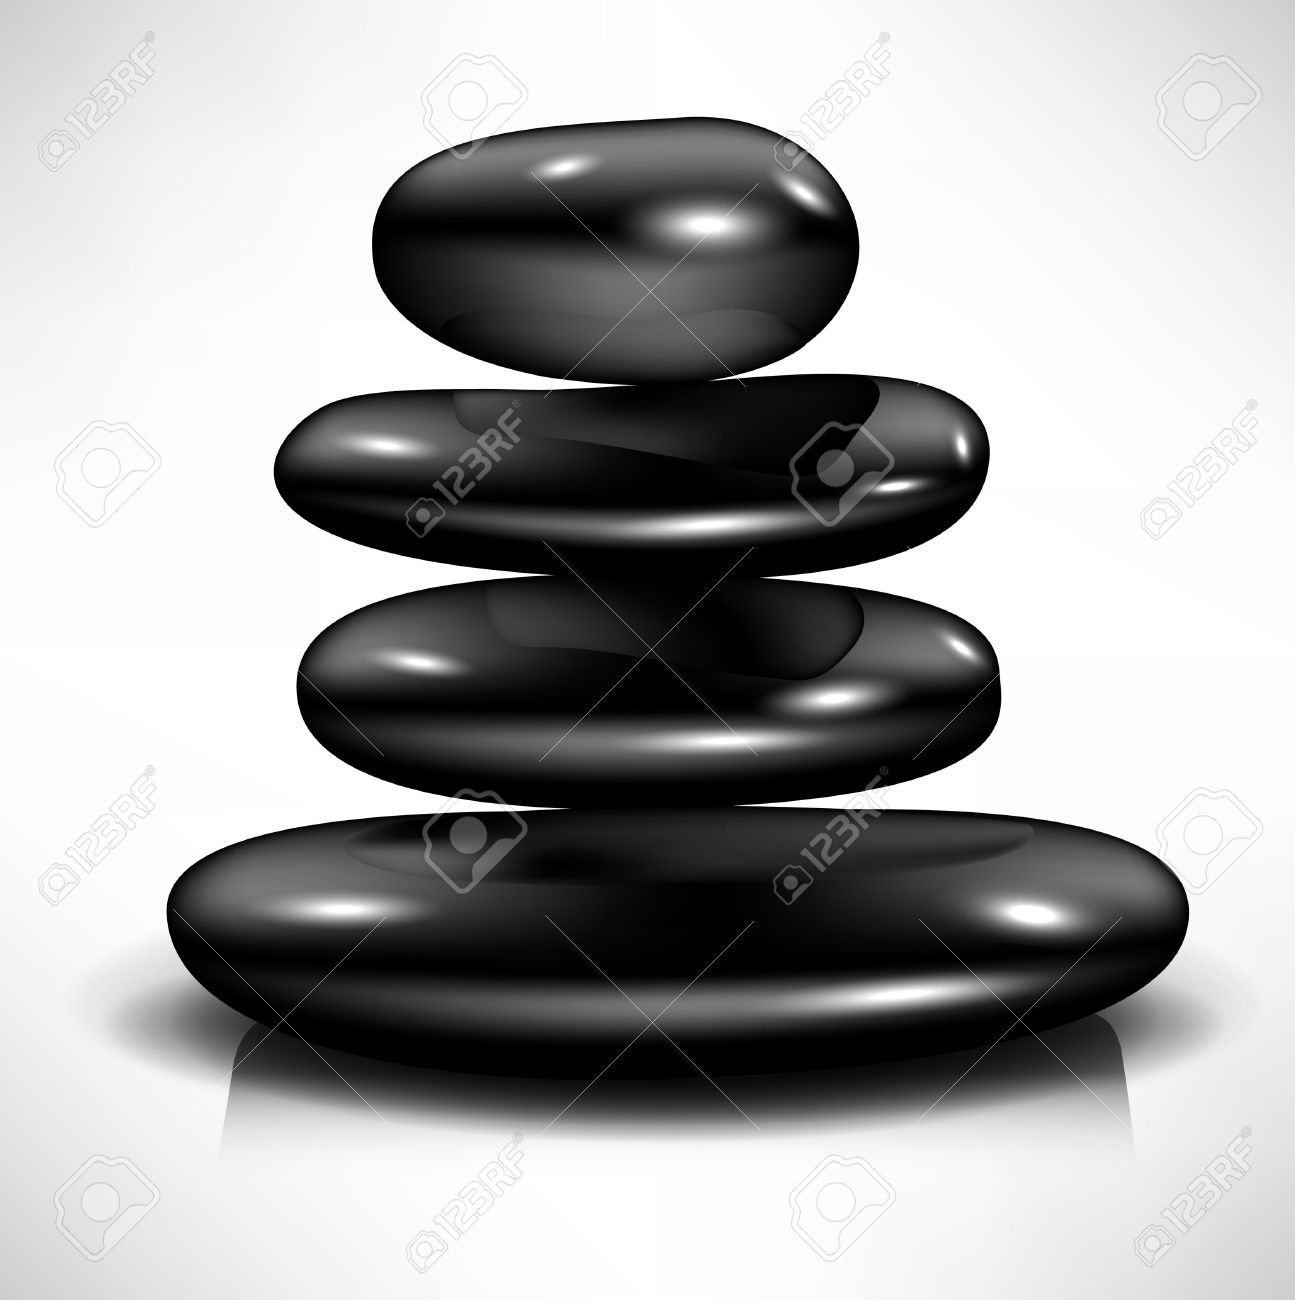 Massage stones clipart images.